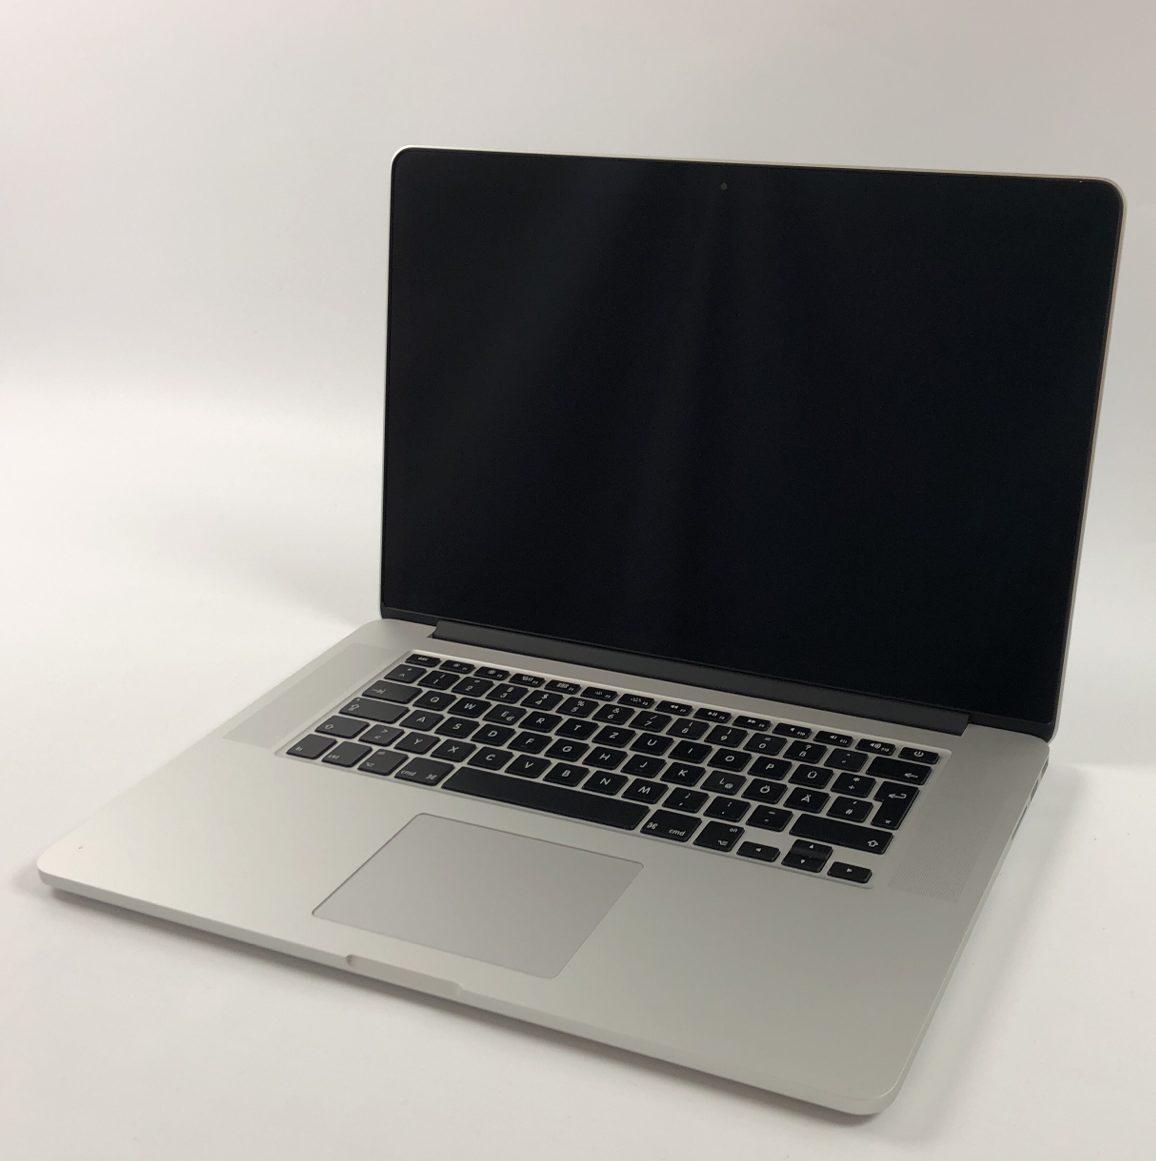 """MacBook Pro Retina 15"""" Mid 2015 (Intel Quad-Core i7 2.8 GHz 16 GB RAM 512 GB SSD), Intel Quad-Core i7 2.8 GHz, 16 GB RAM, 512 GB SSD, Bild 1"""